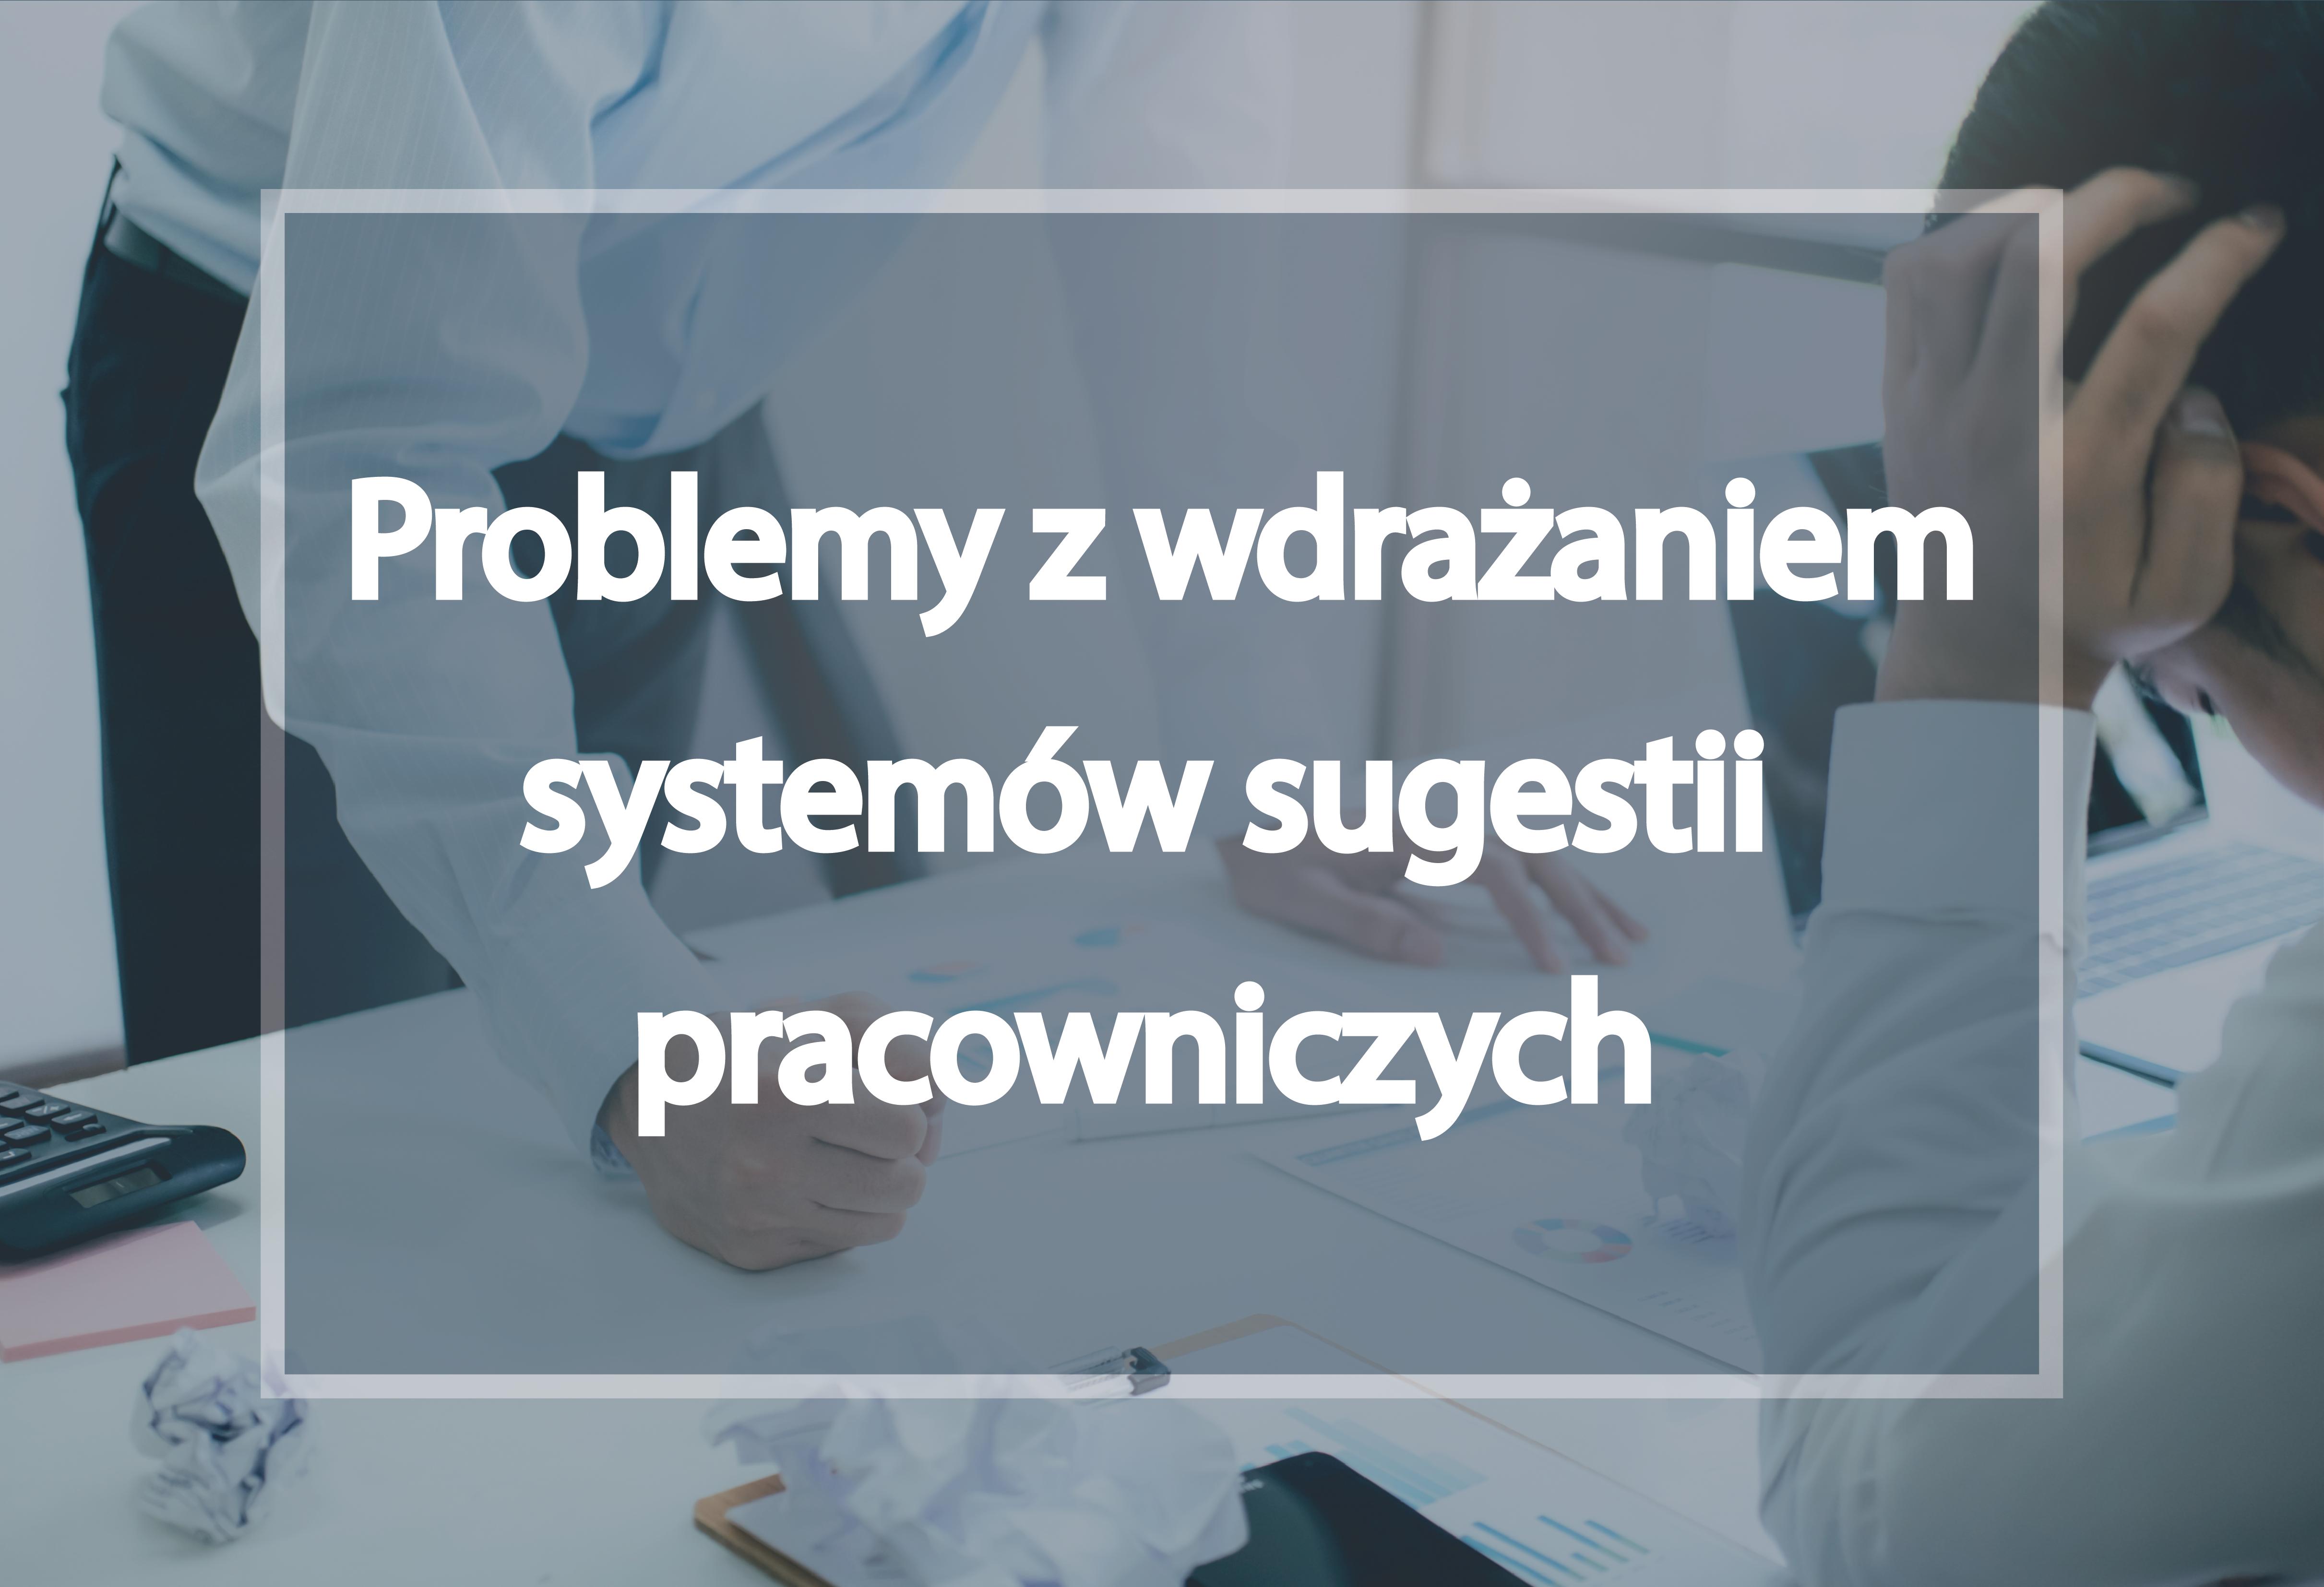 Problemy z wdrażaniem systemów sugestii pracowniczych